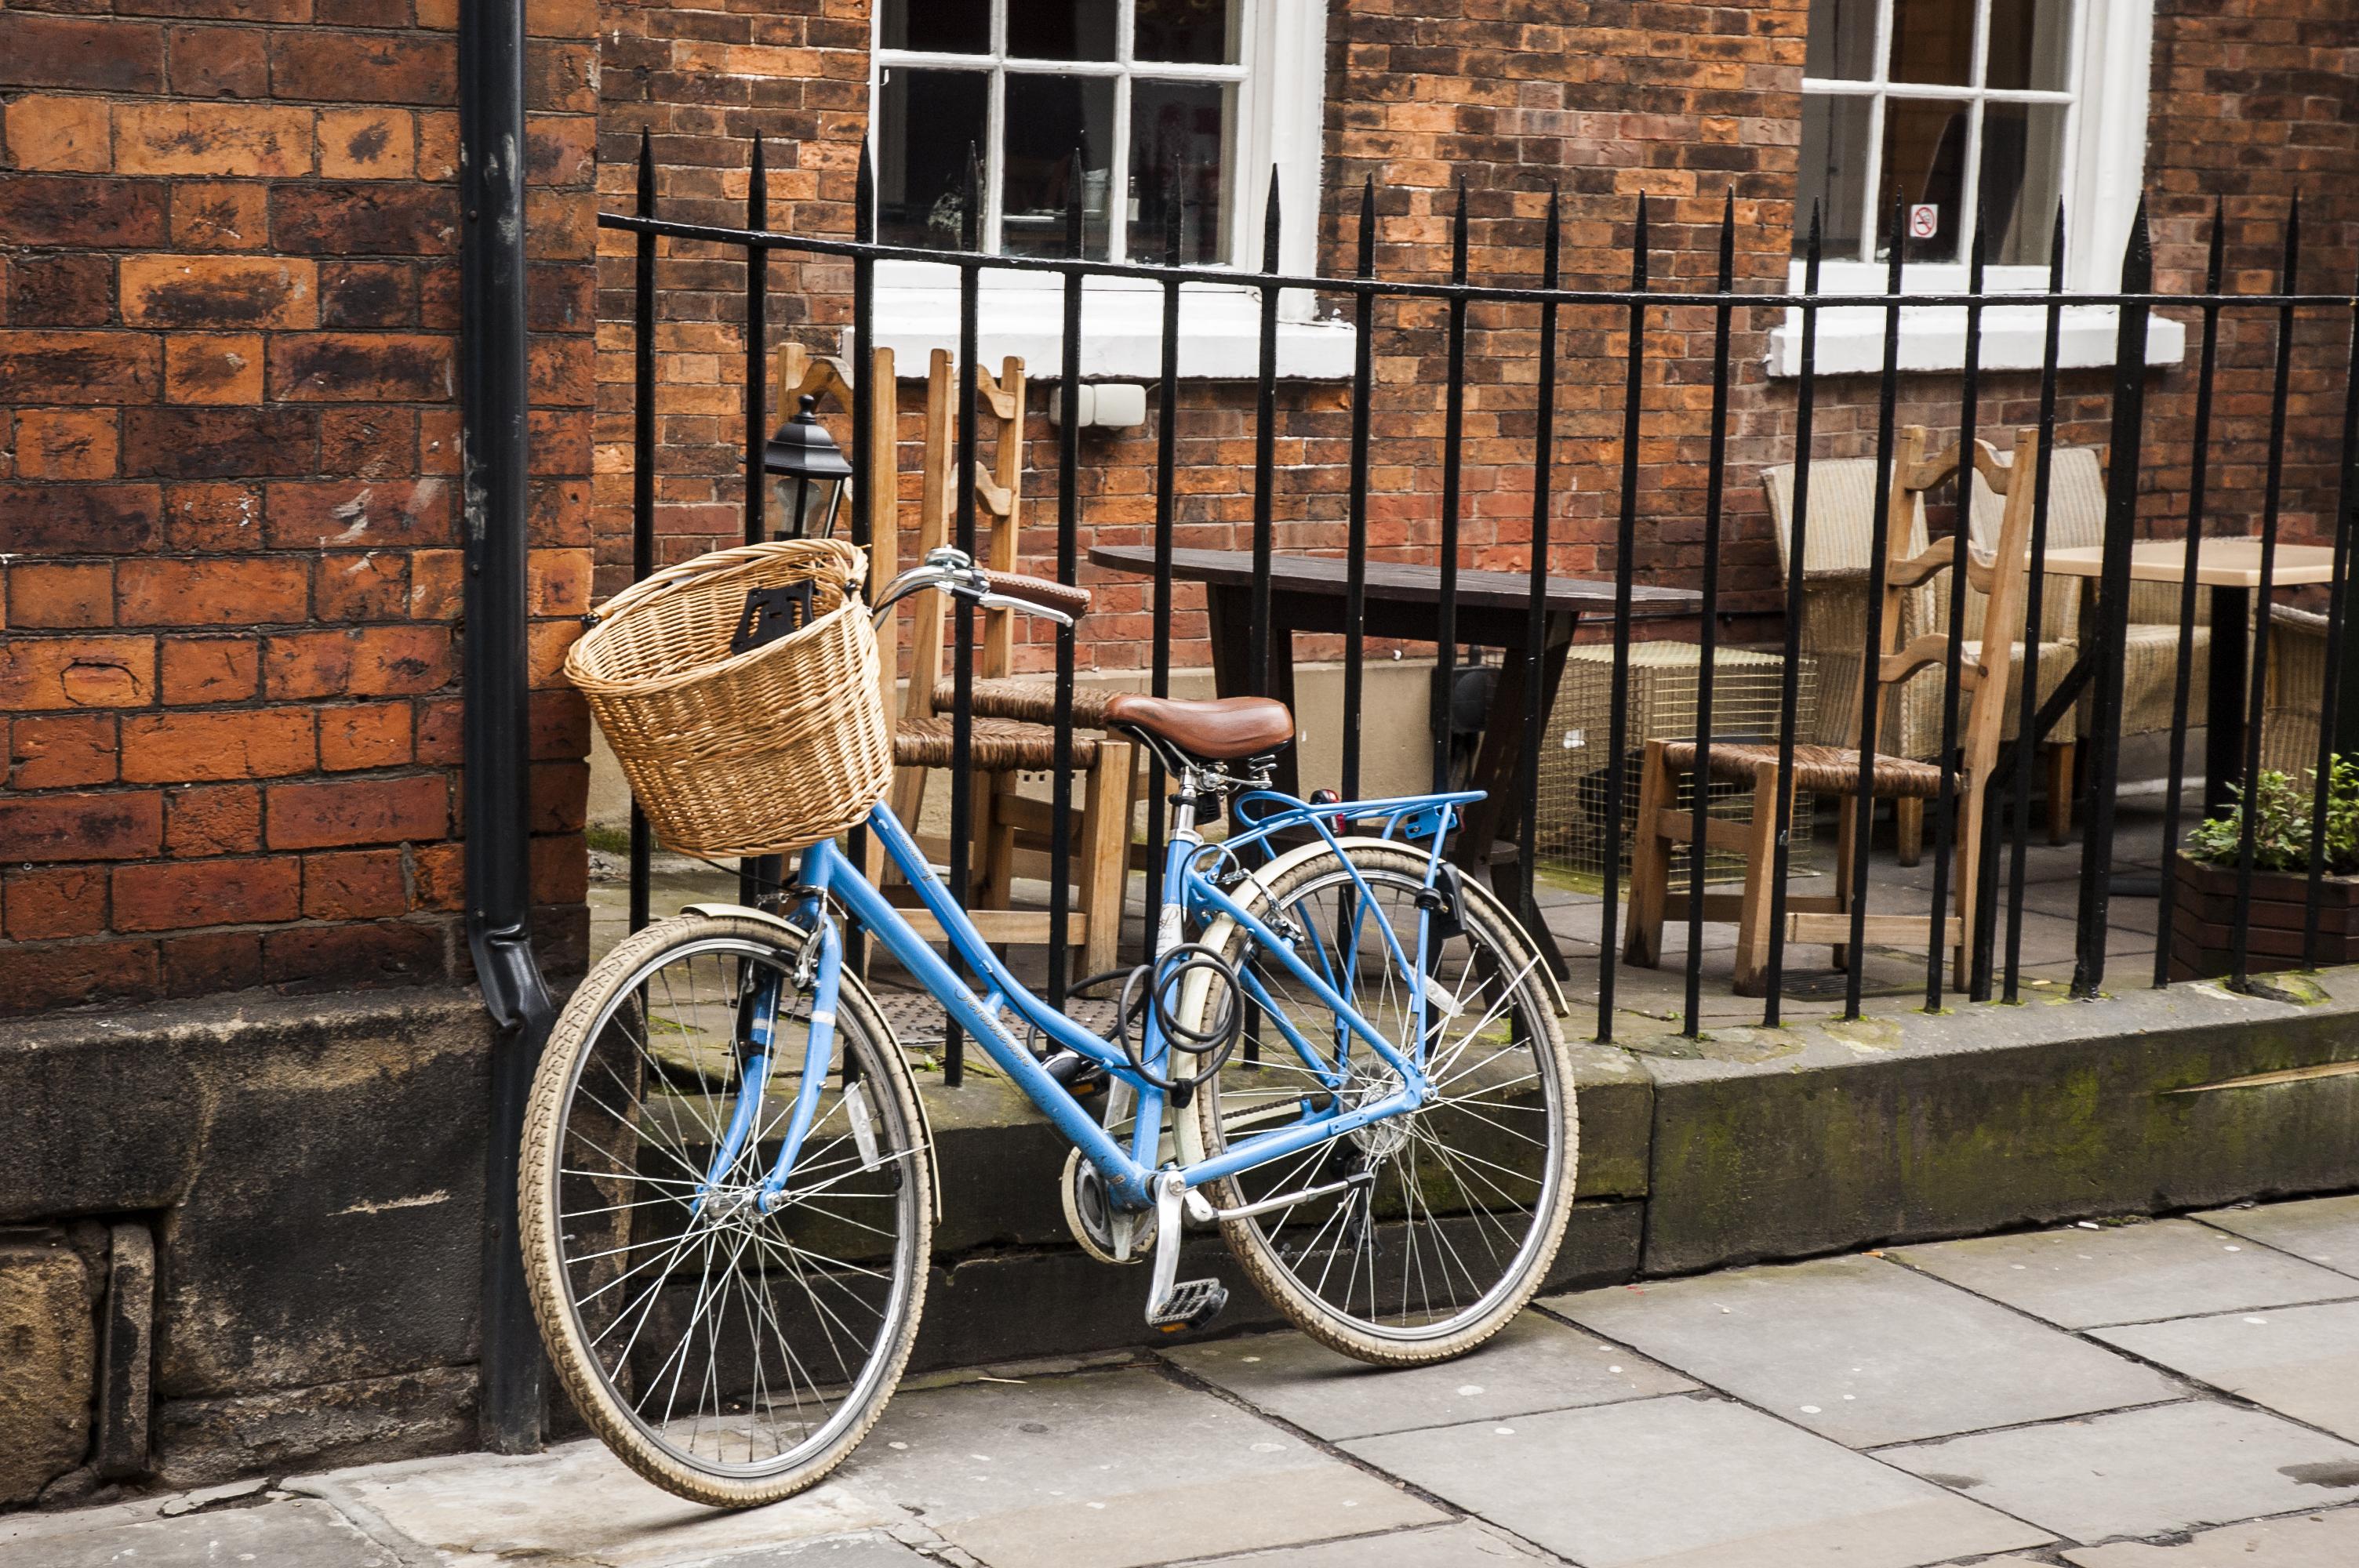 Bike in York